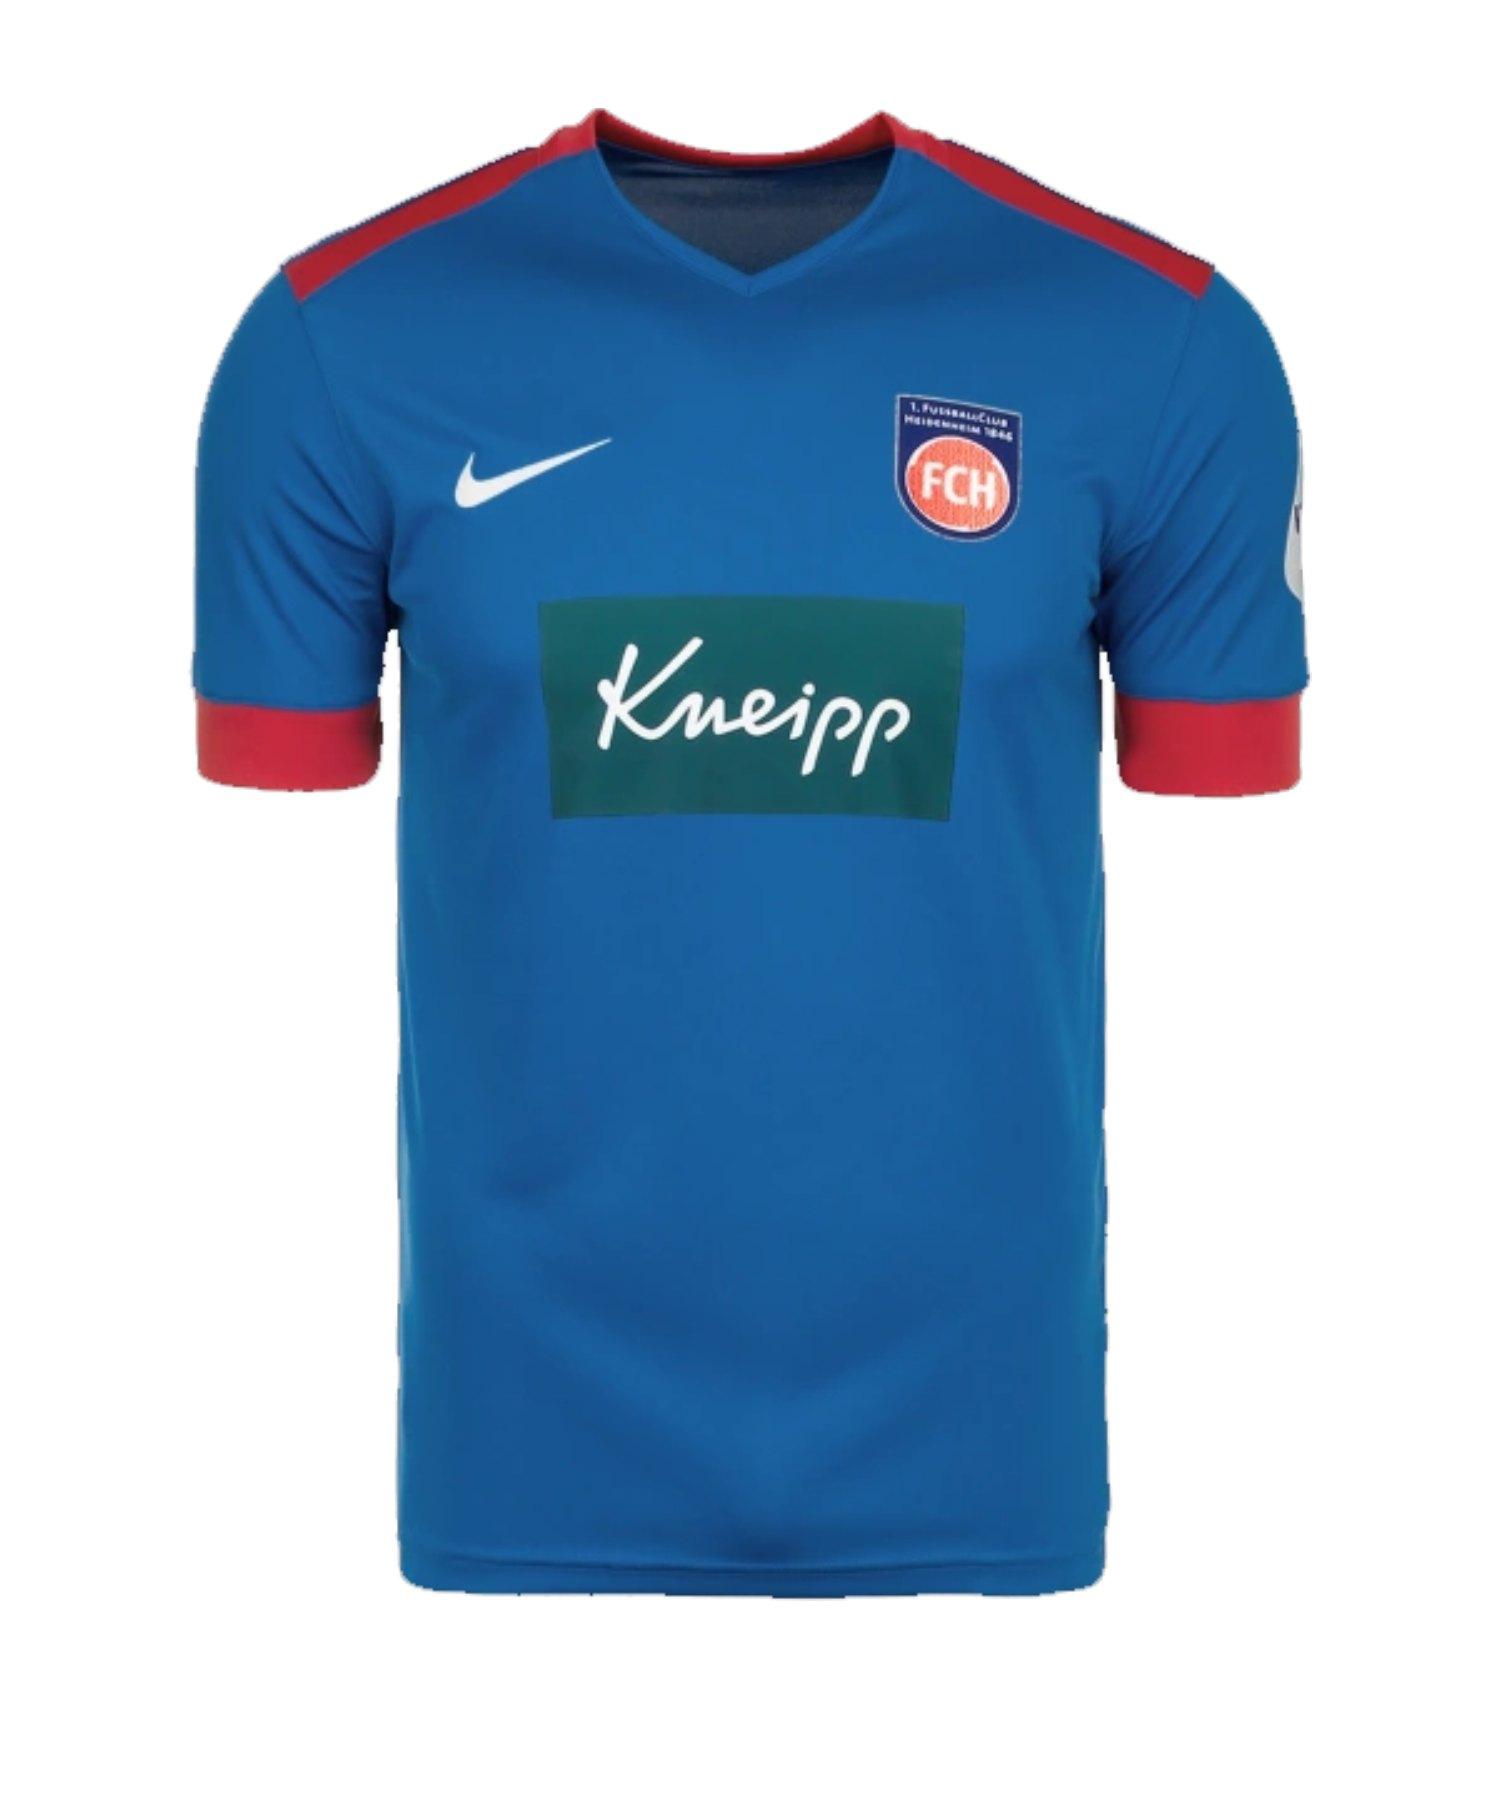 Nike 1. FC Heidenheim Trikot Away 2019/2020 Kids F463 - blau